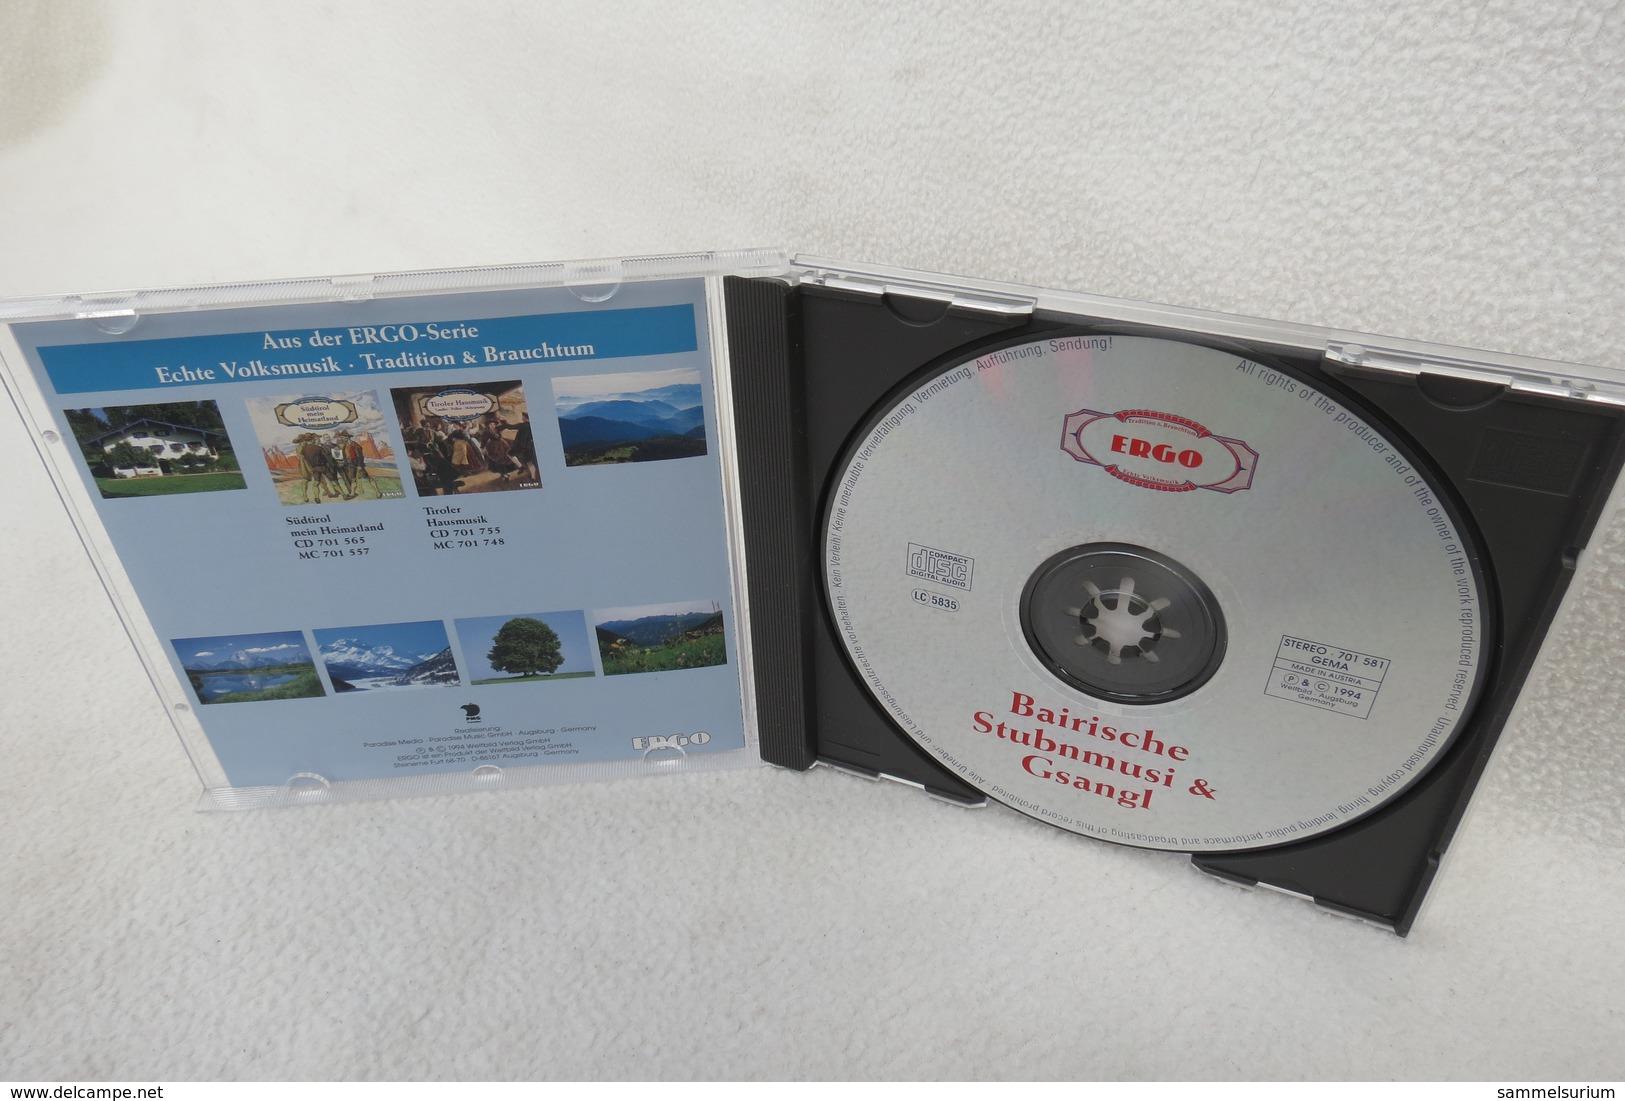 """CD """"Bairische Stubnmusi & Gsangl"""" Tradition Und Brauchtum (Echte Volksmusik) - Sonstige - Deutsche Musik"""